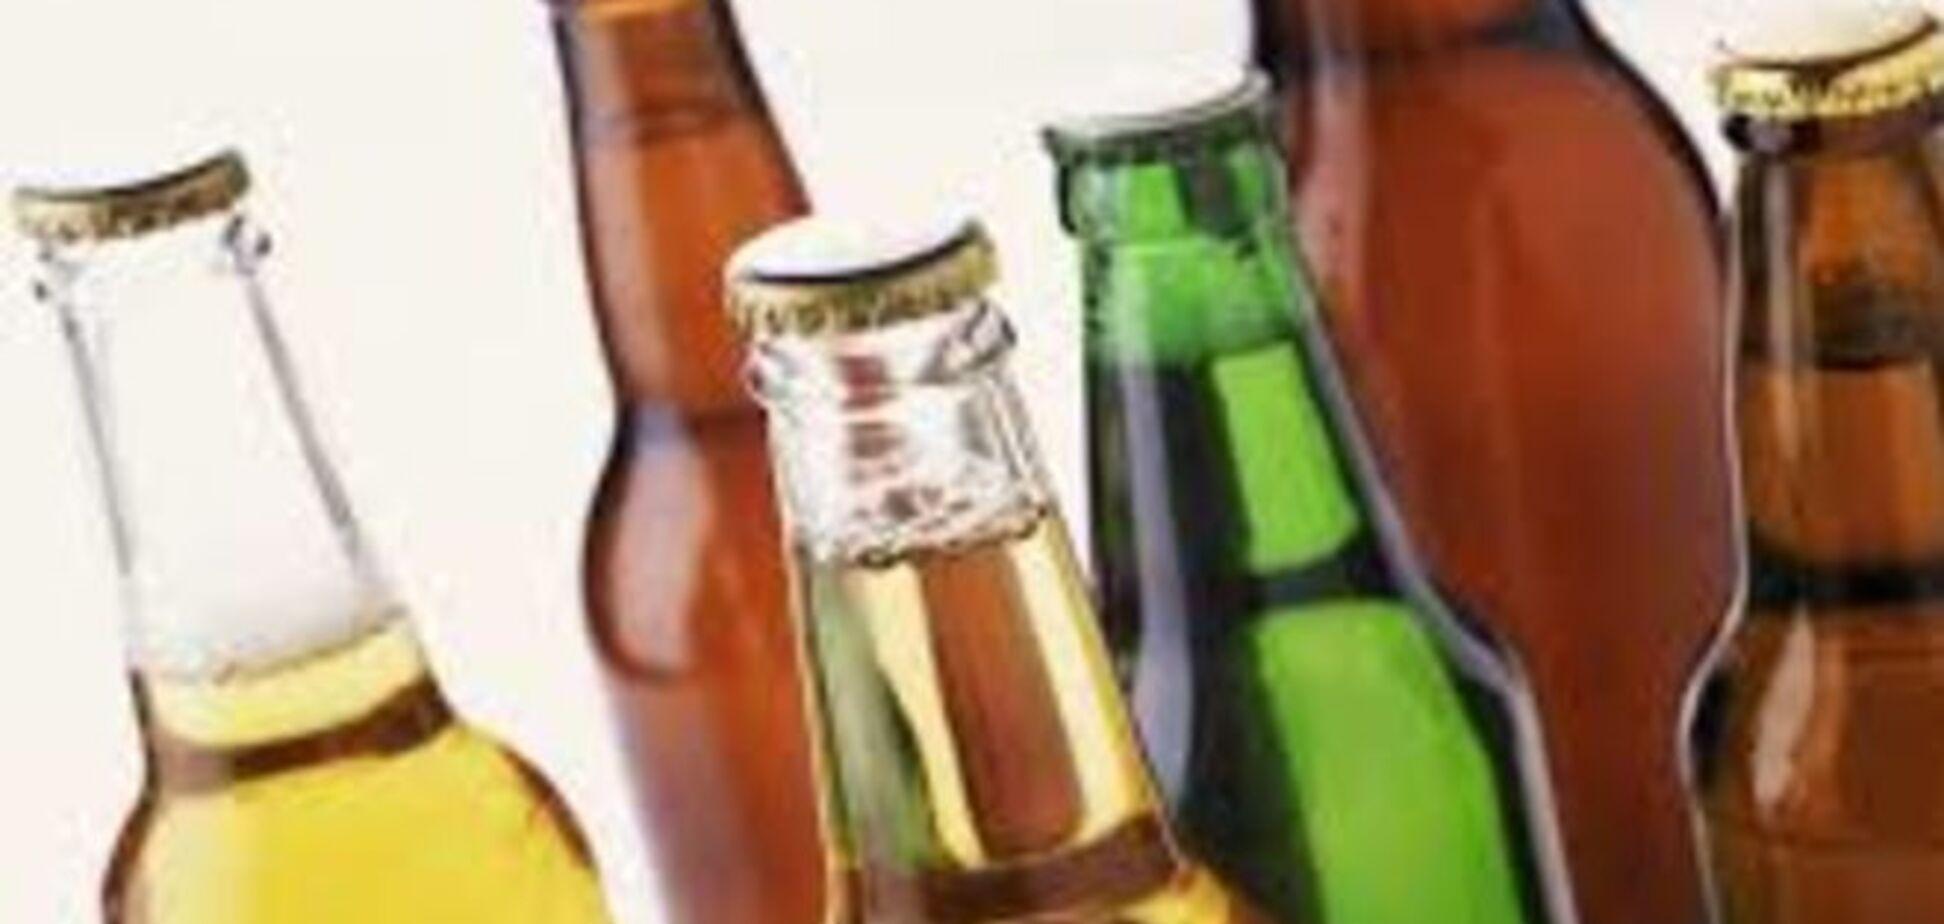 Врачи рассказали, можно ли пить алкоголь после спортзала